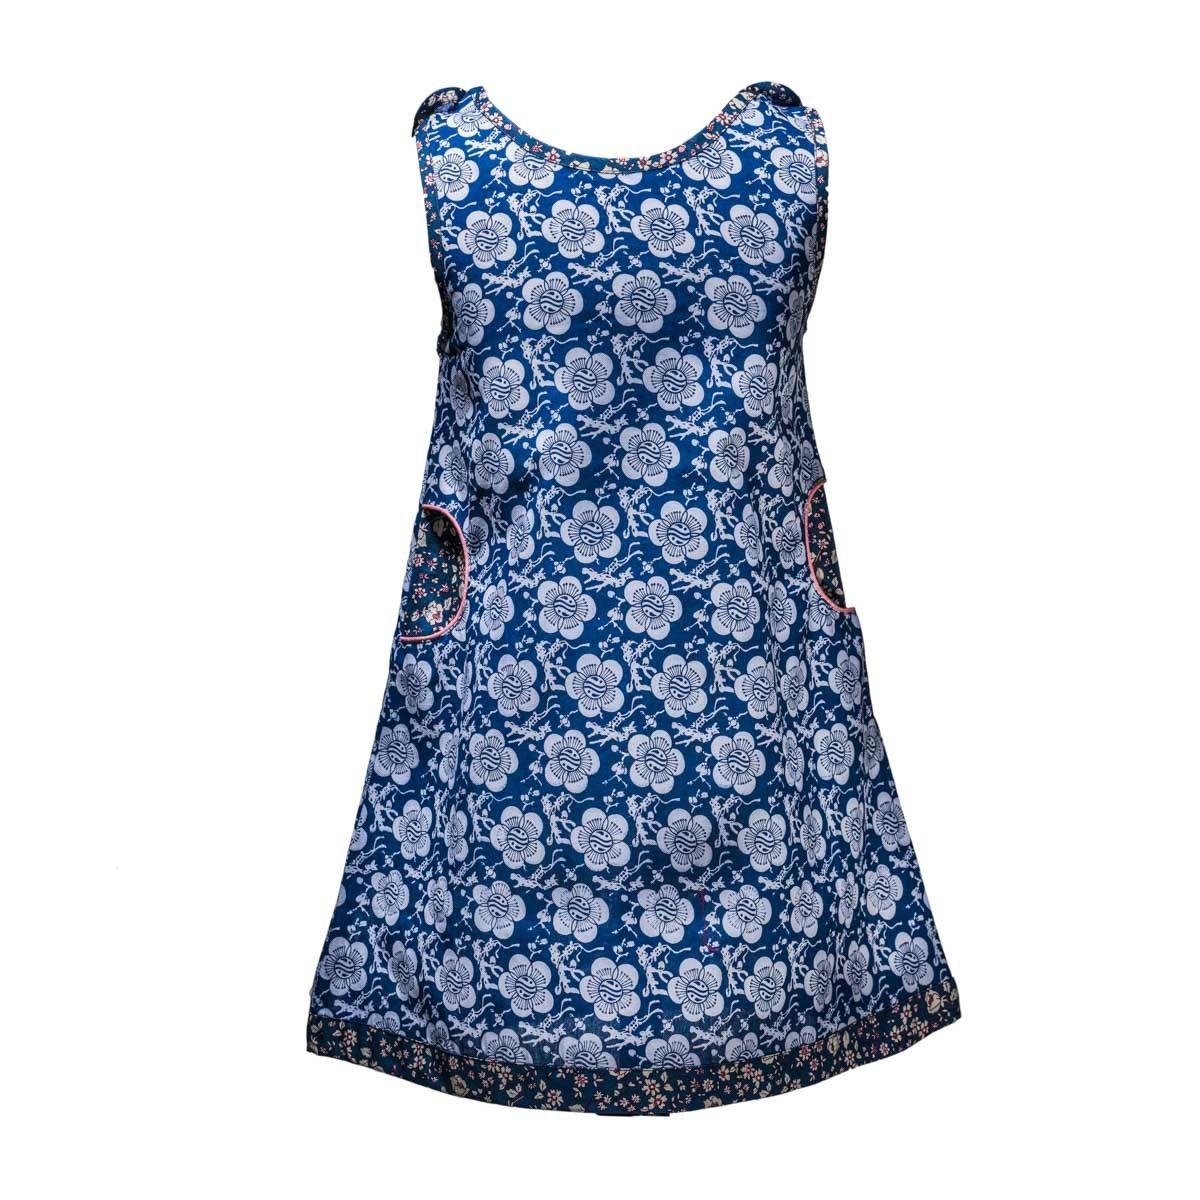 Robe été 2-8 ans coton créateur bleu marine